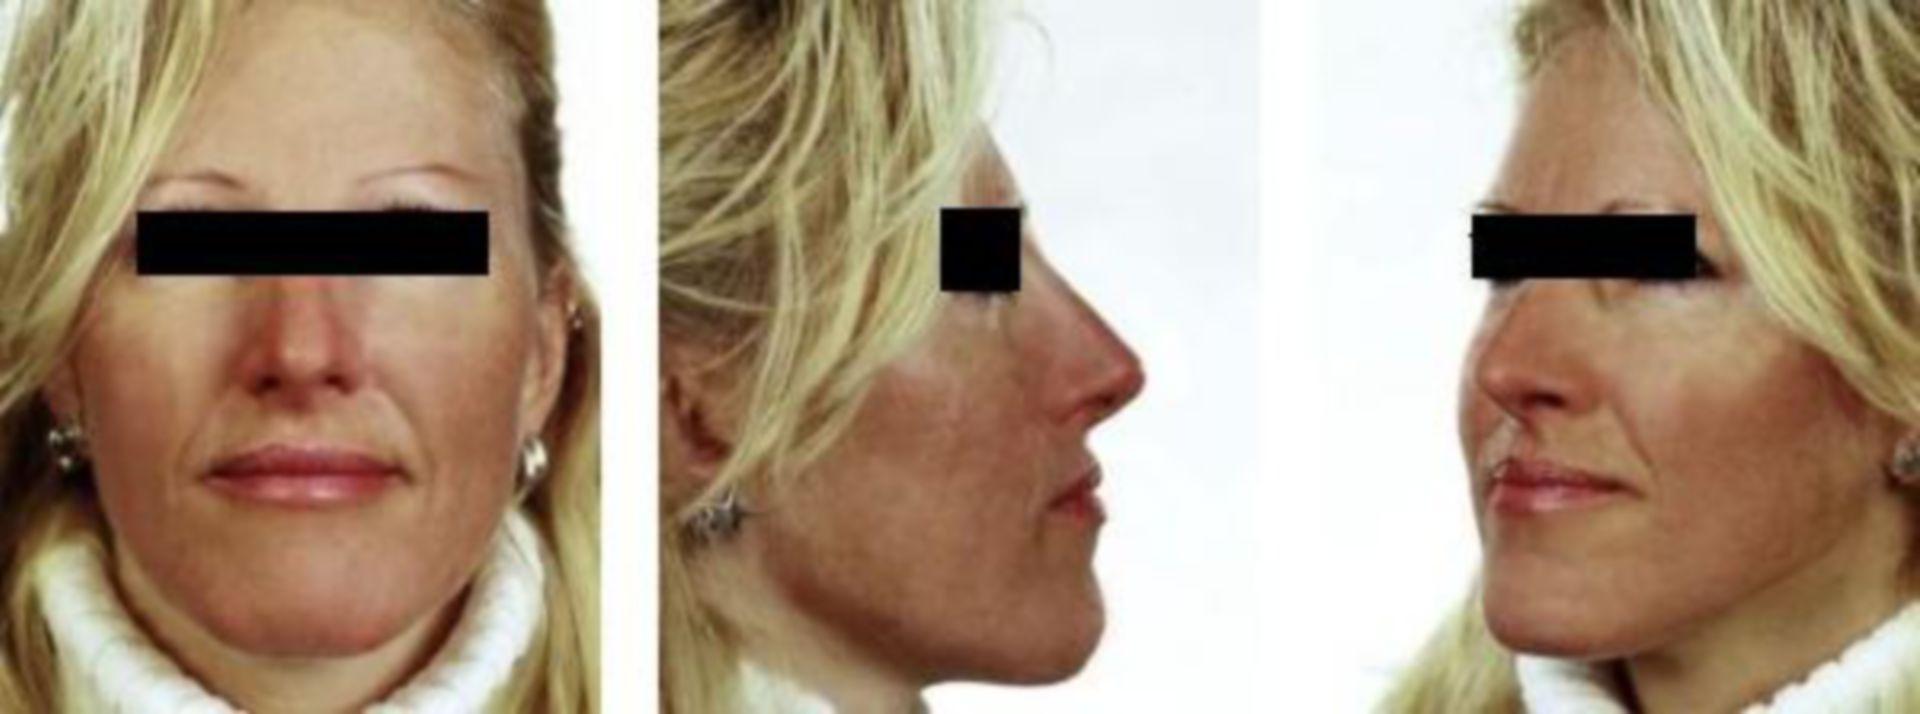 Status post nasal surgery